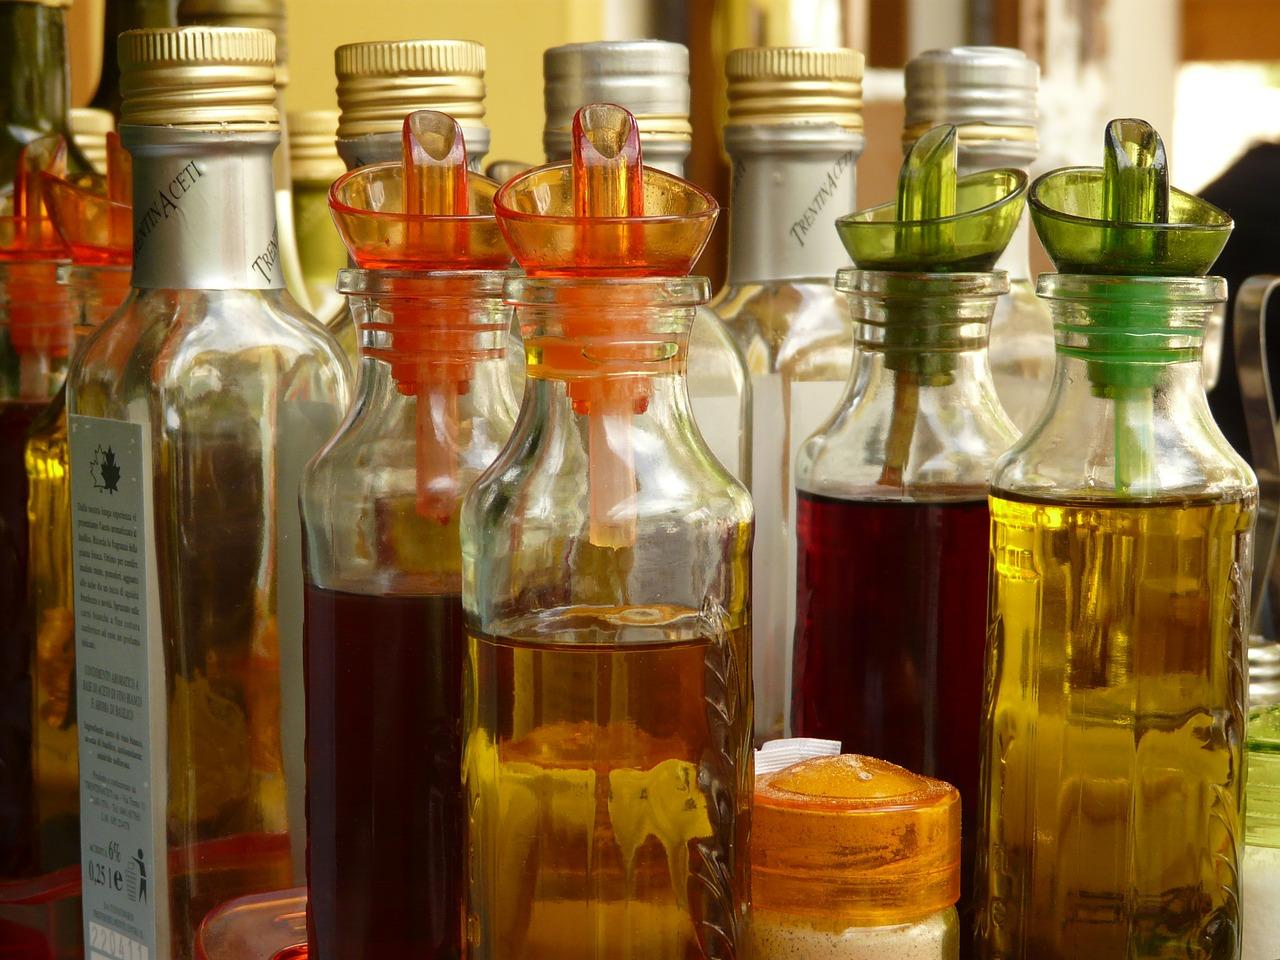 Azijn goed voor bloedsuikerspiegel